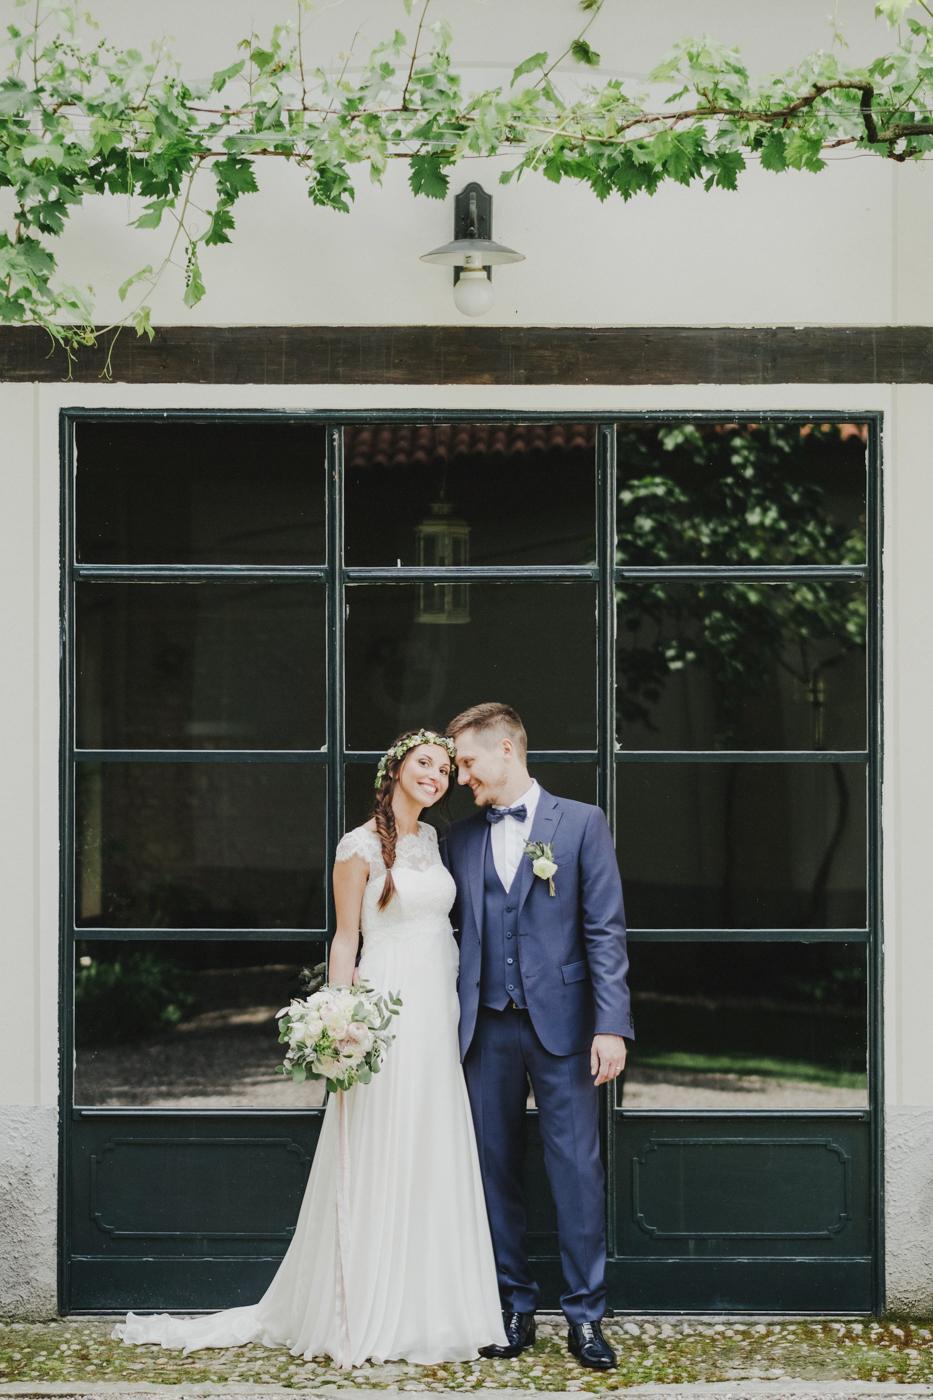 fotografo matrimonio como-89.jpg